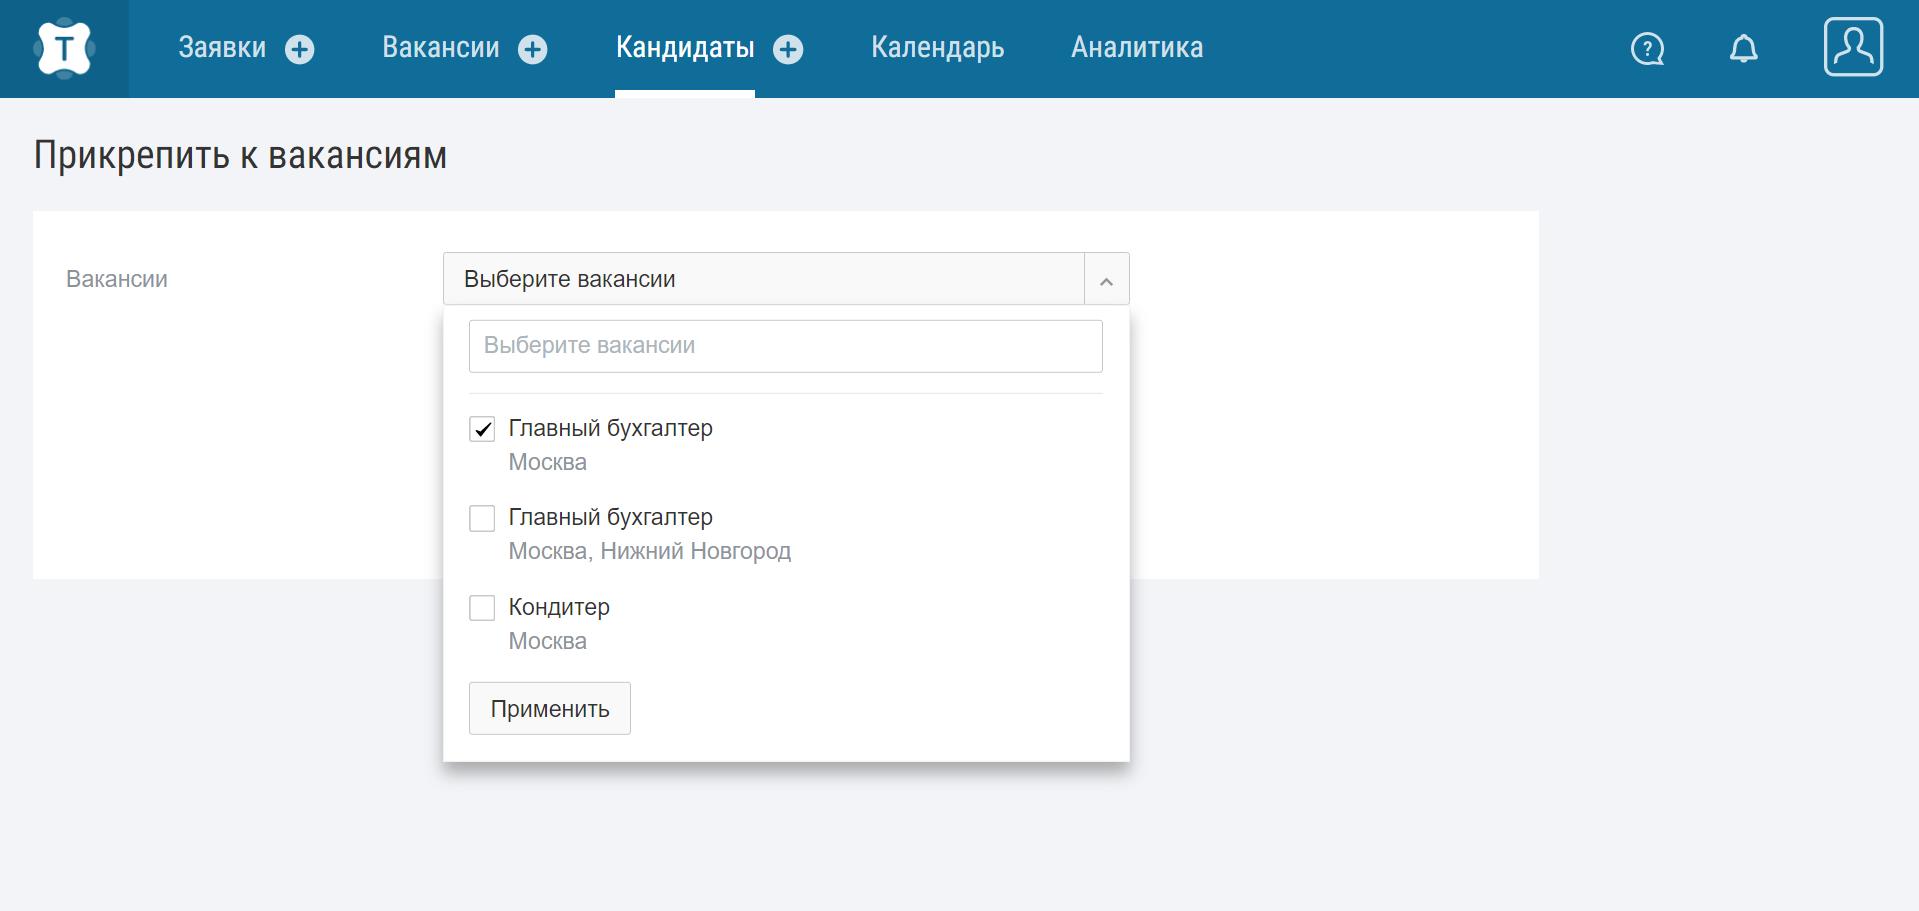 Что нового в Talantix: интеграция с «Хабр Карьерой», мультивыбор  кандидатов на вакансию, расширенный доступ для рекрутеров